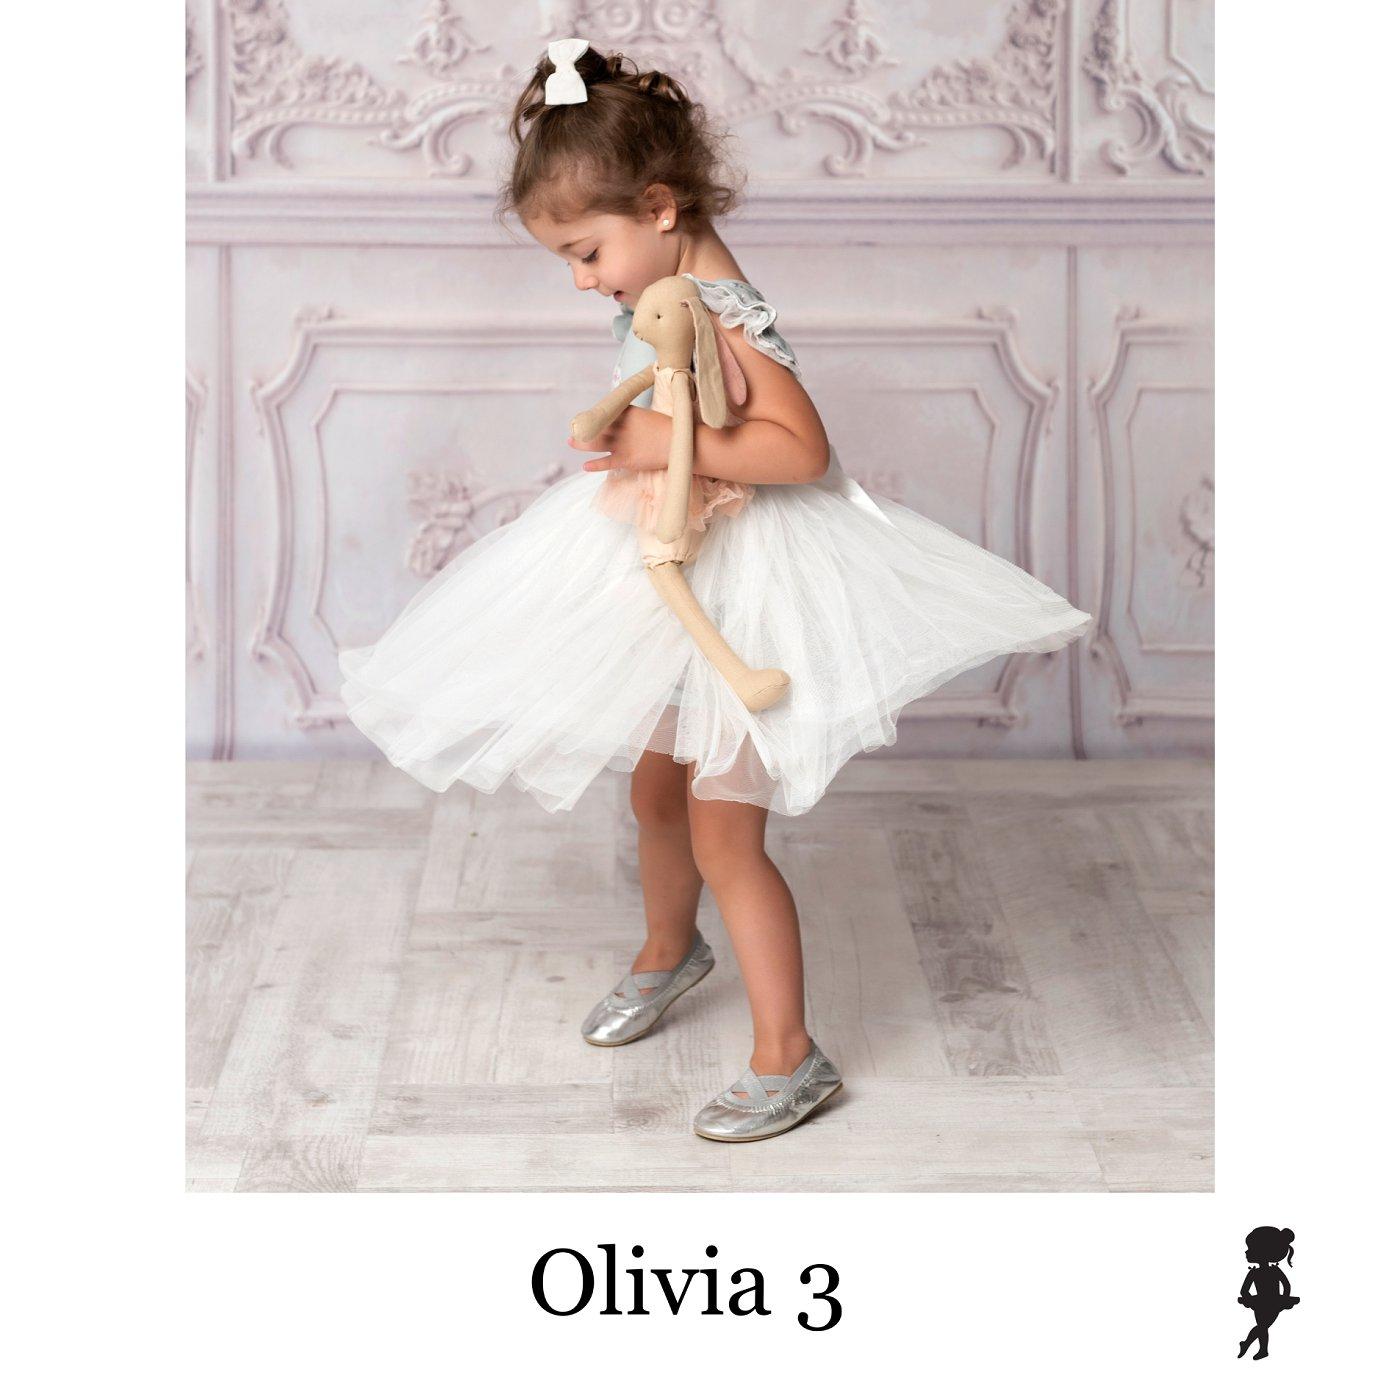 LB2419-Olivia 3.jpg